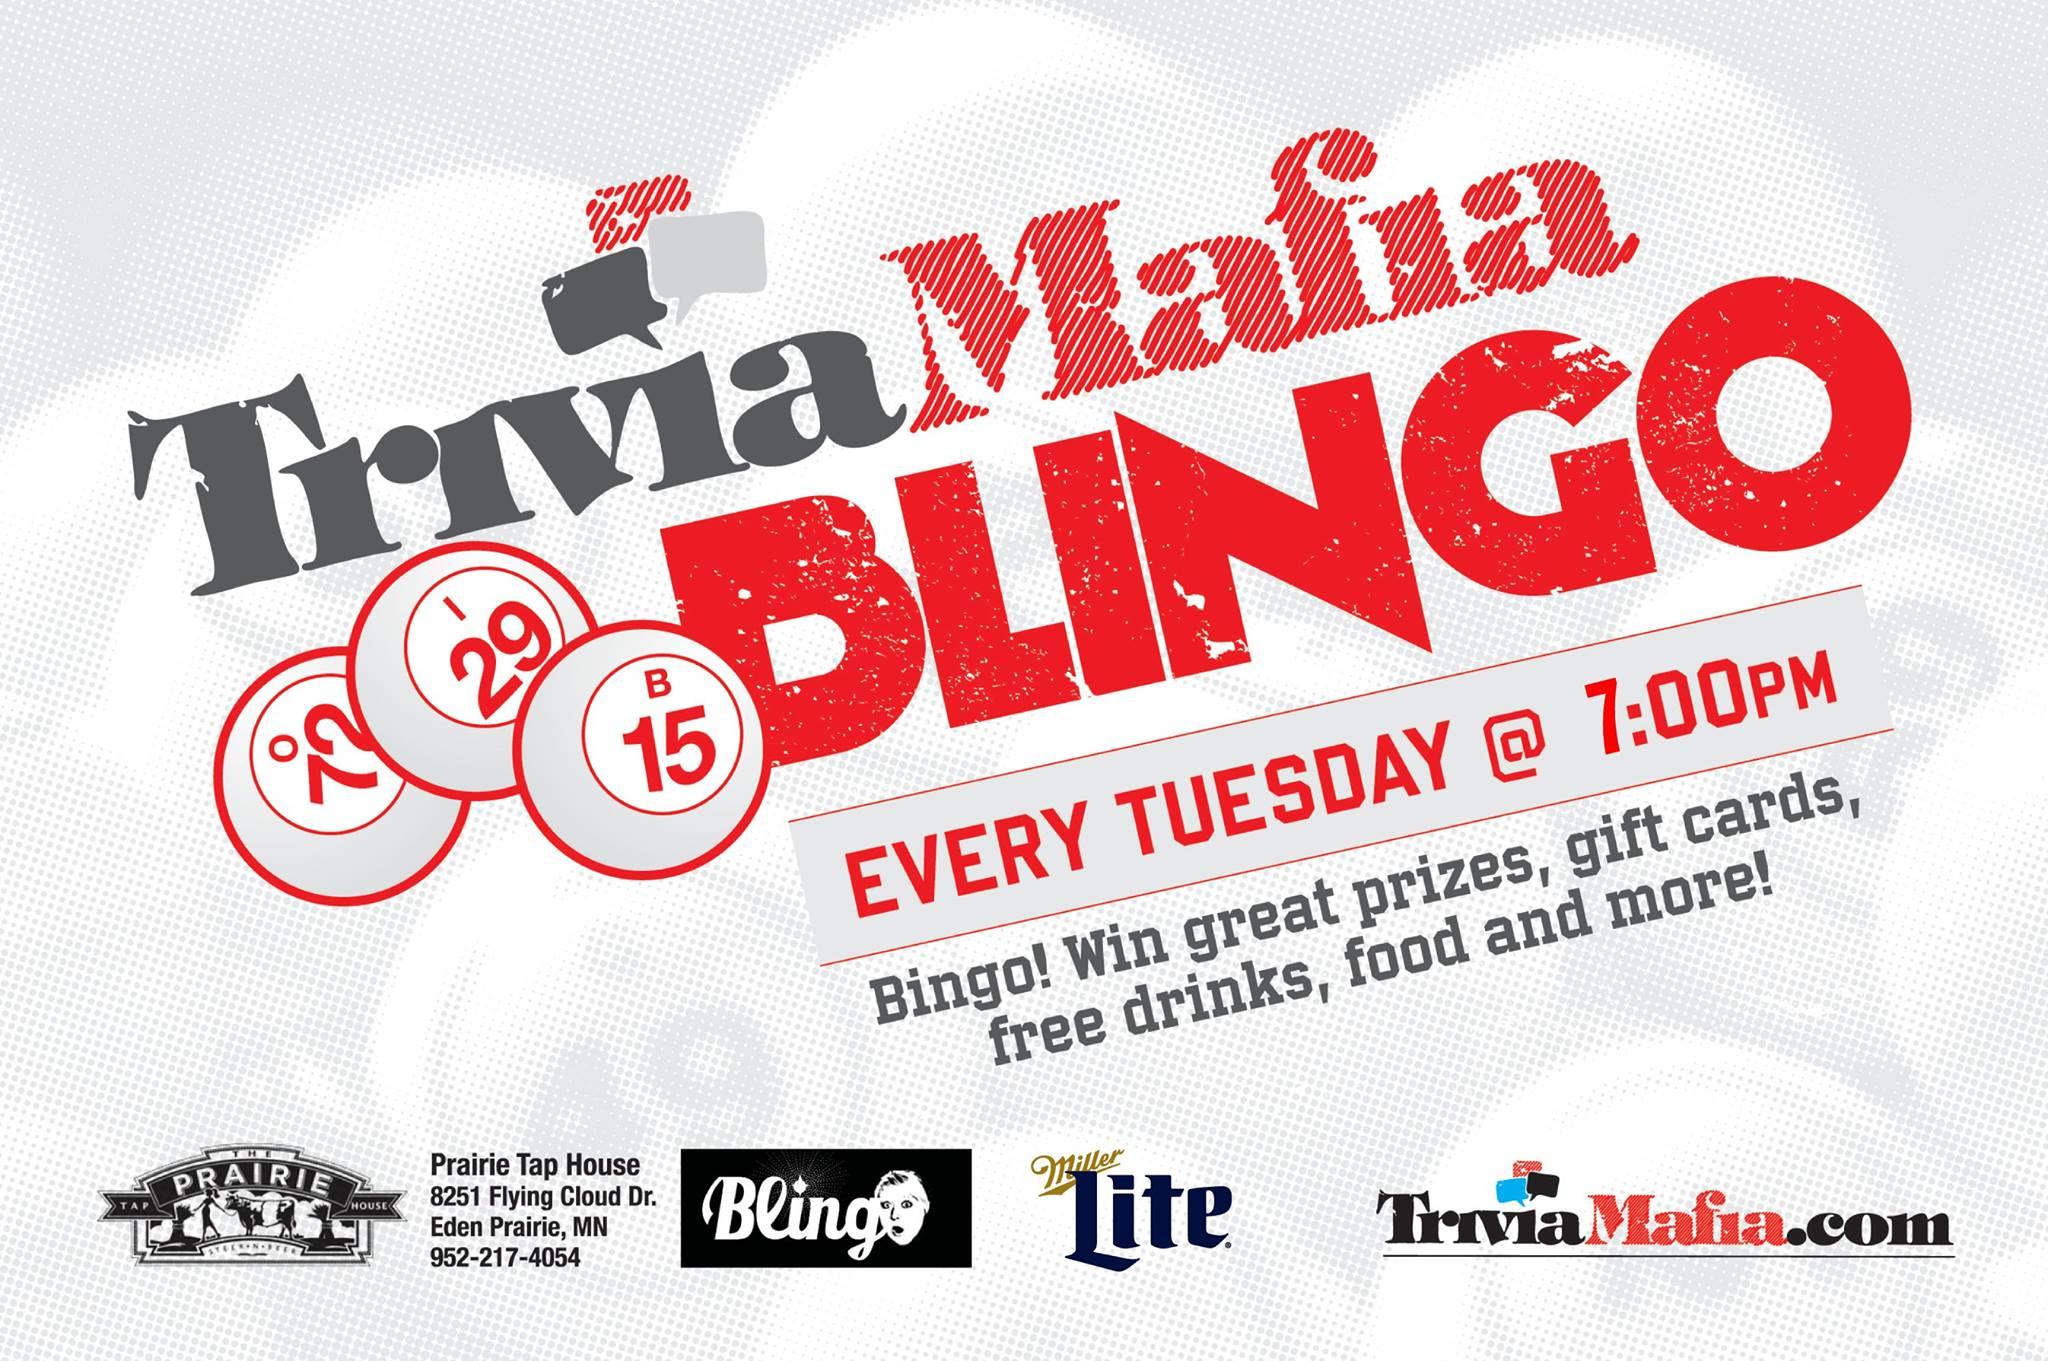 Blingo Tuesdays